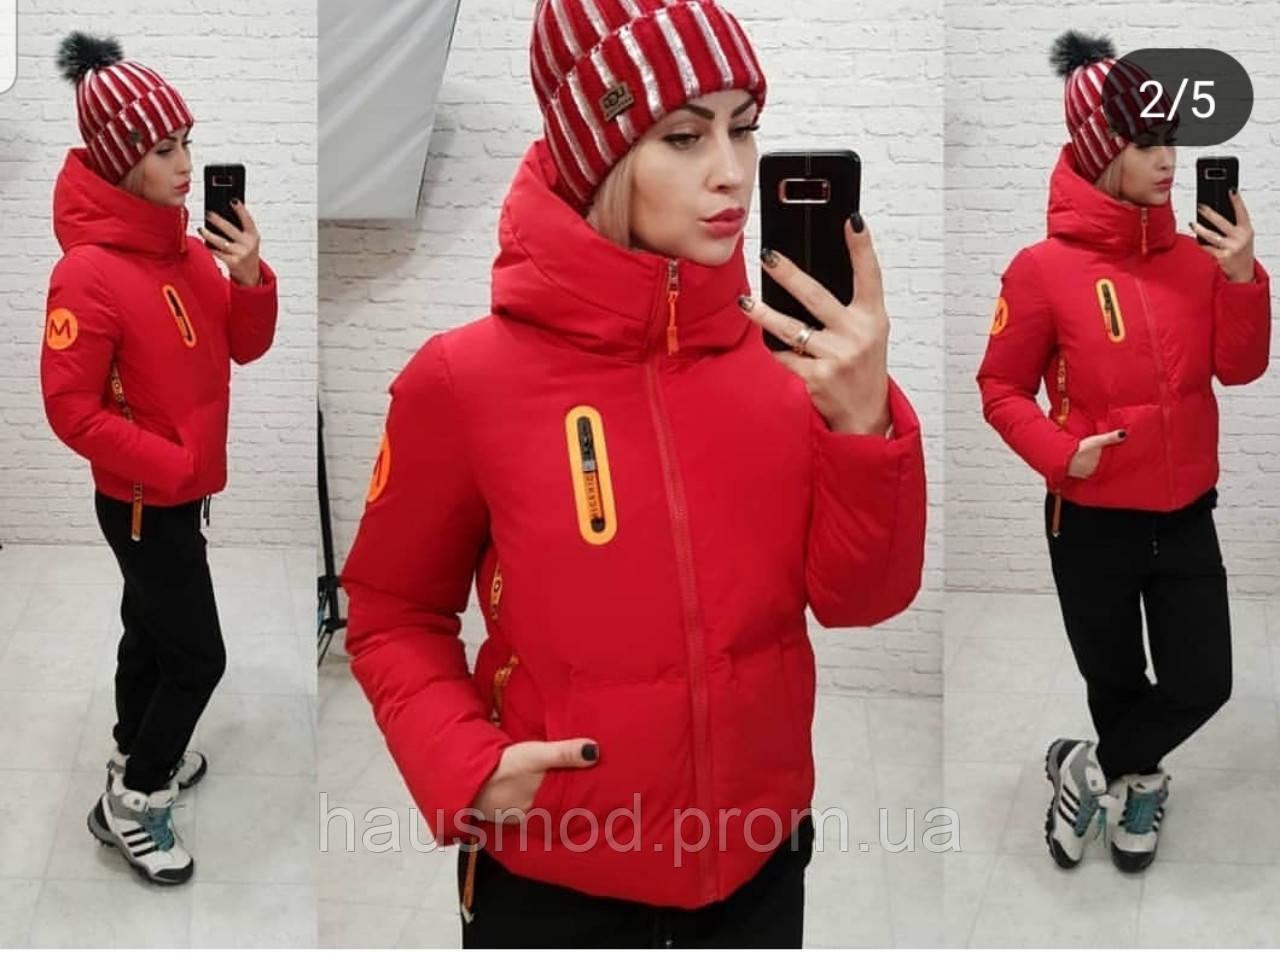 Женская зимняя куртка теплая короткая плащевка мэмори водоодталкивающая размеры S M L цвет красный